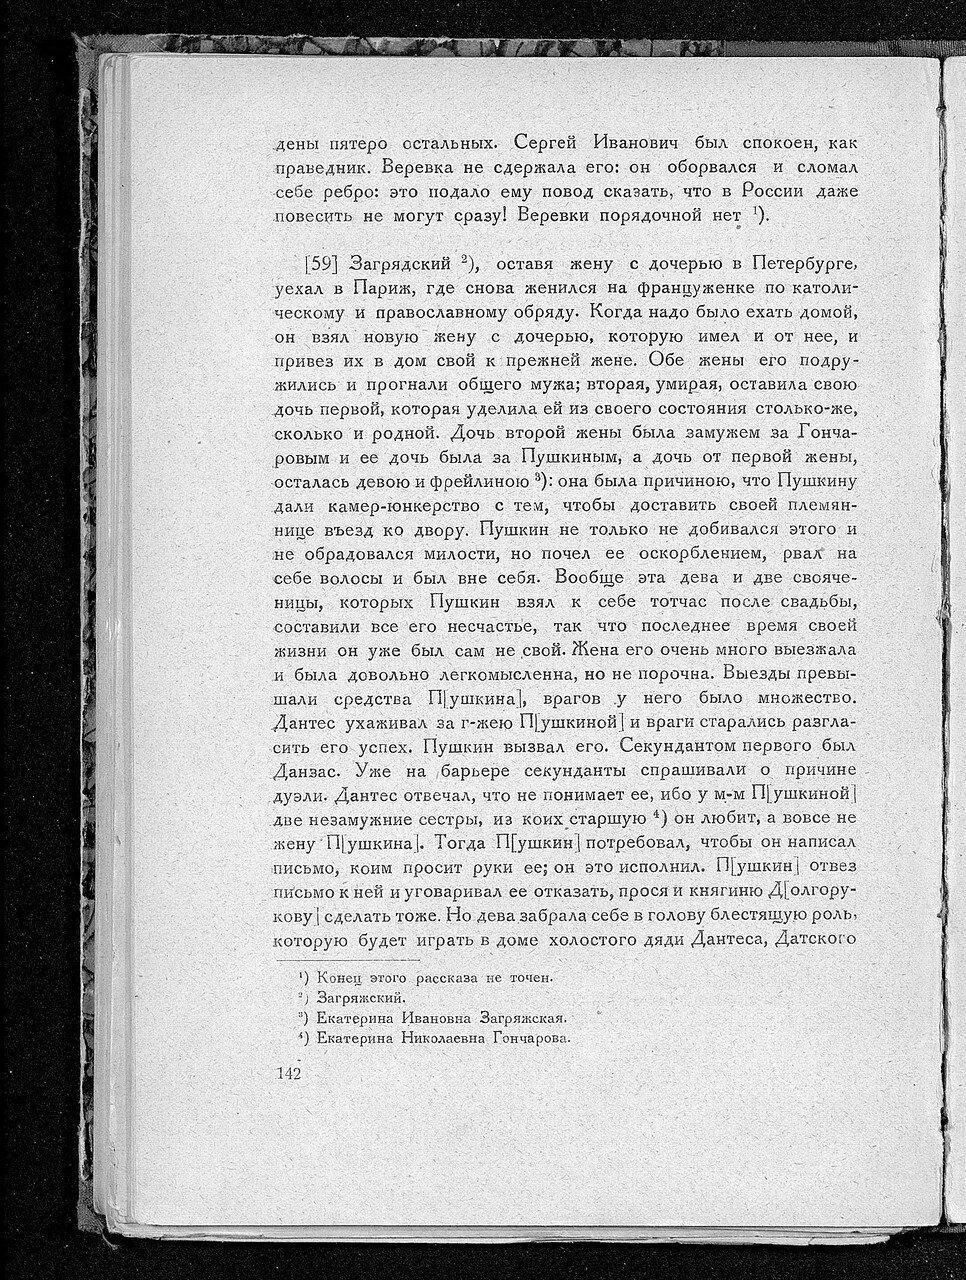 https://img-fotki.yandex.ru/get/900241/199368979.a2/0_214387_a37fa2ab_XXXL.jpg